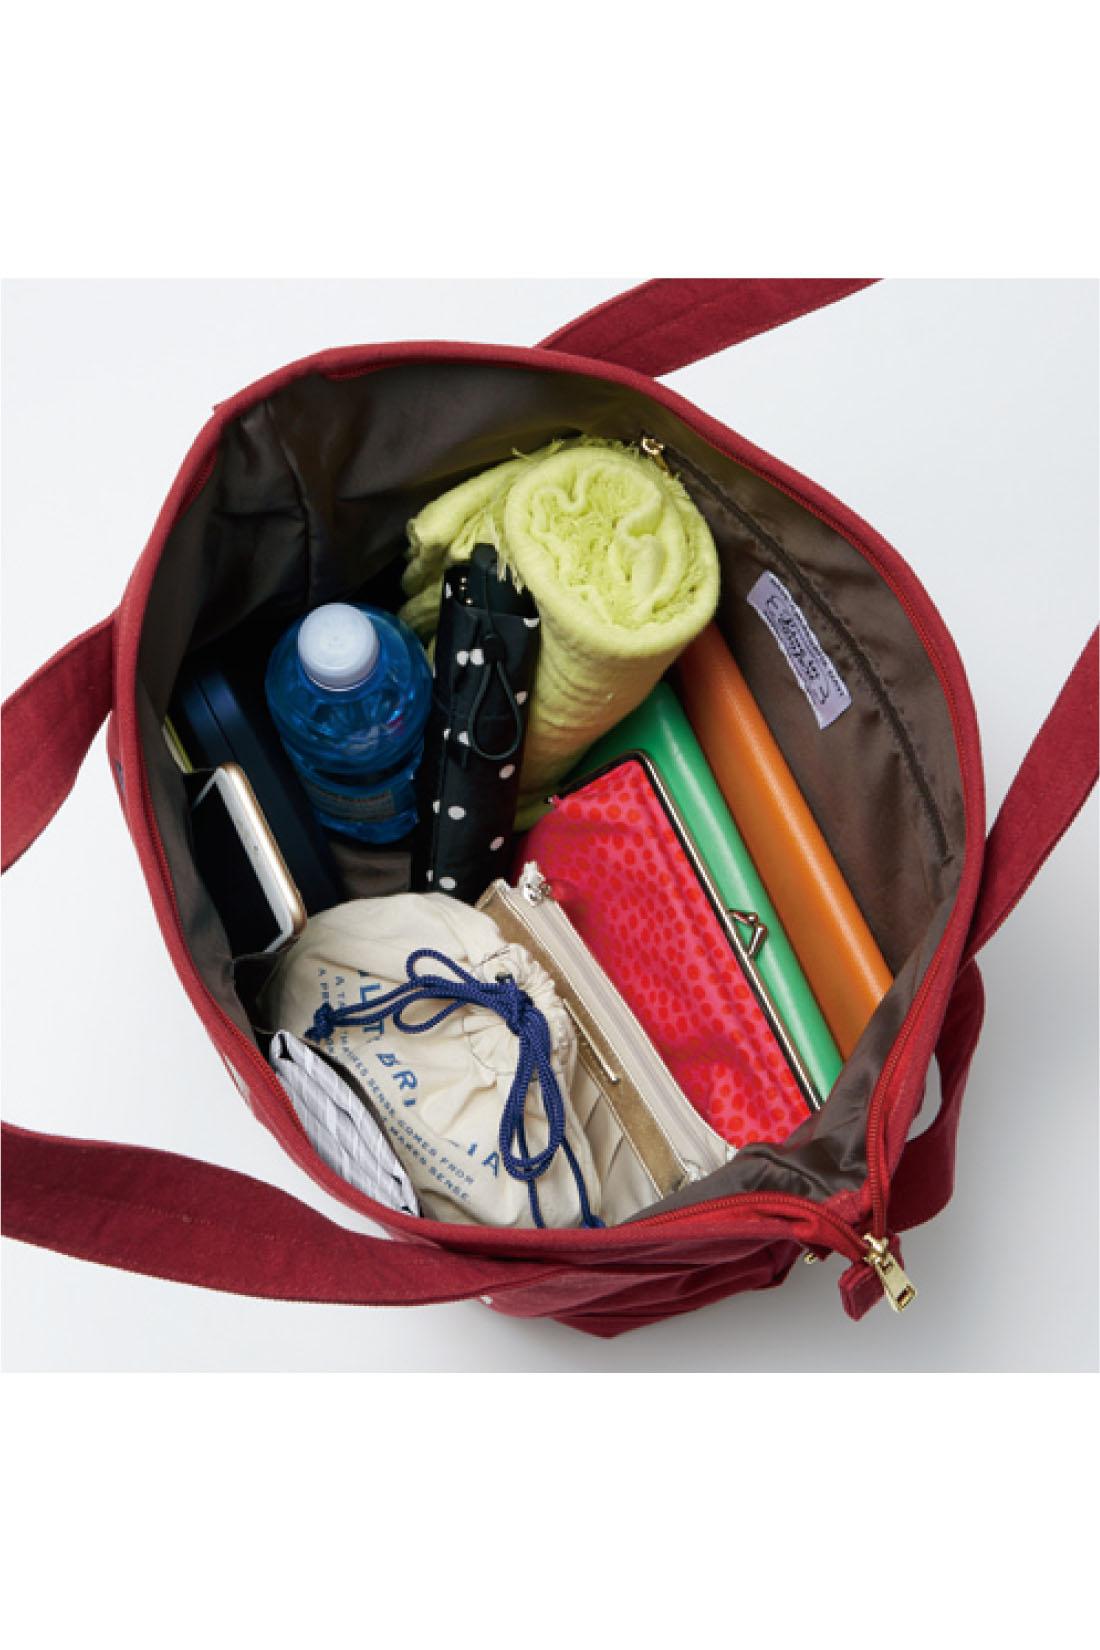 内側はポリエステルの裏地付きで、汚れにくい。豊富なポケットで整理しやすく使いやすさ満点。 ※お届けするカラーとは異なります。